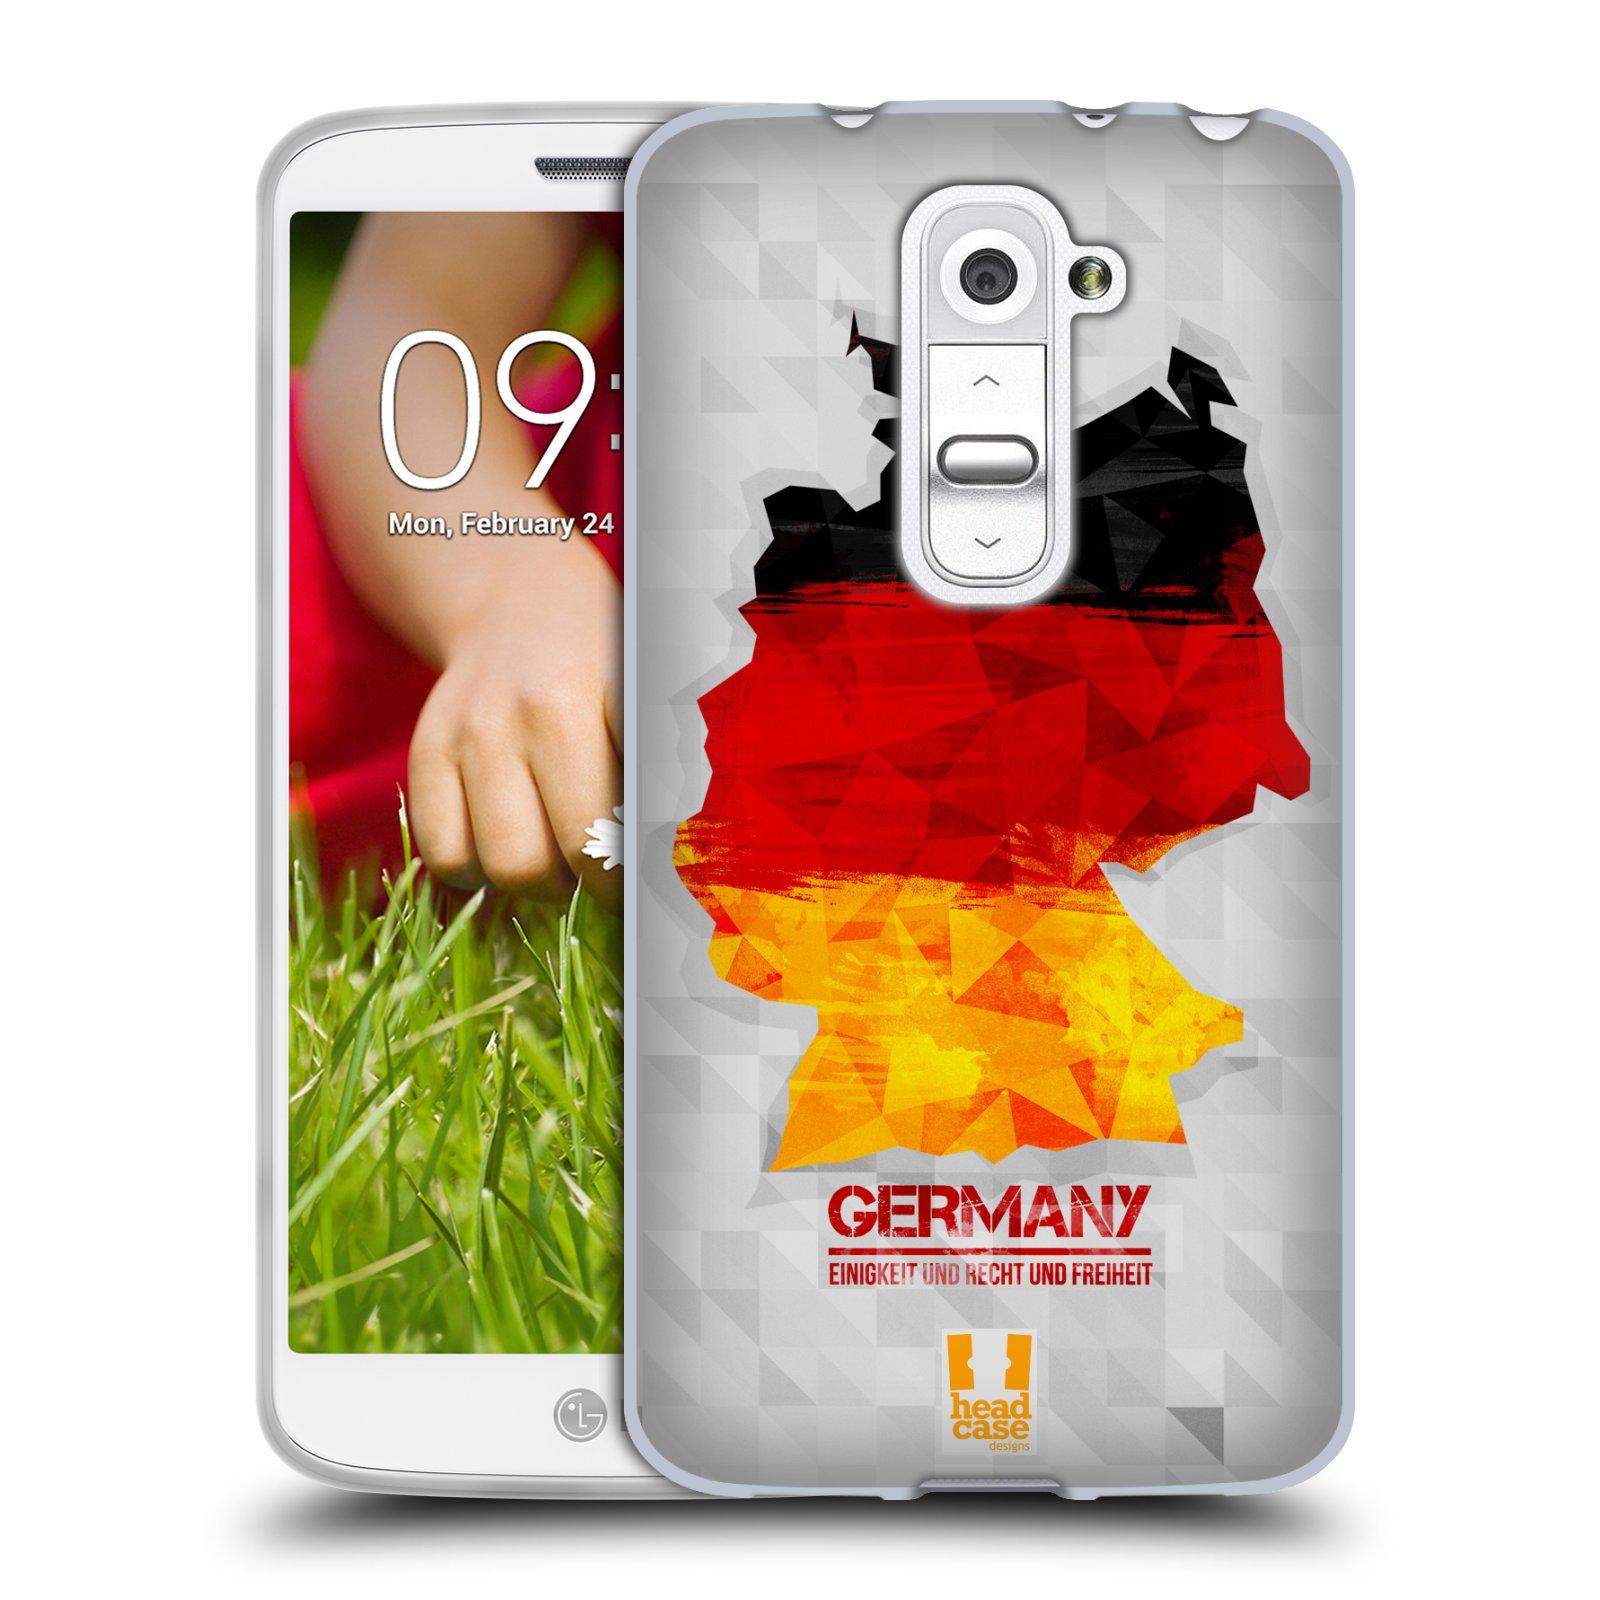 Silikonové pouzdro na mobil LG G2 Mini HEAD CASE GEOMAPA NĚMECKO (Silikonový kryt či obal na mobilní telefon LG G2 Mini D620)